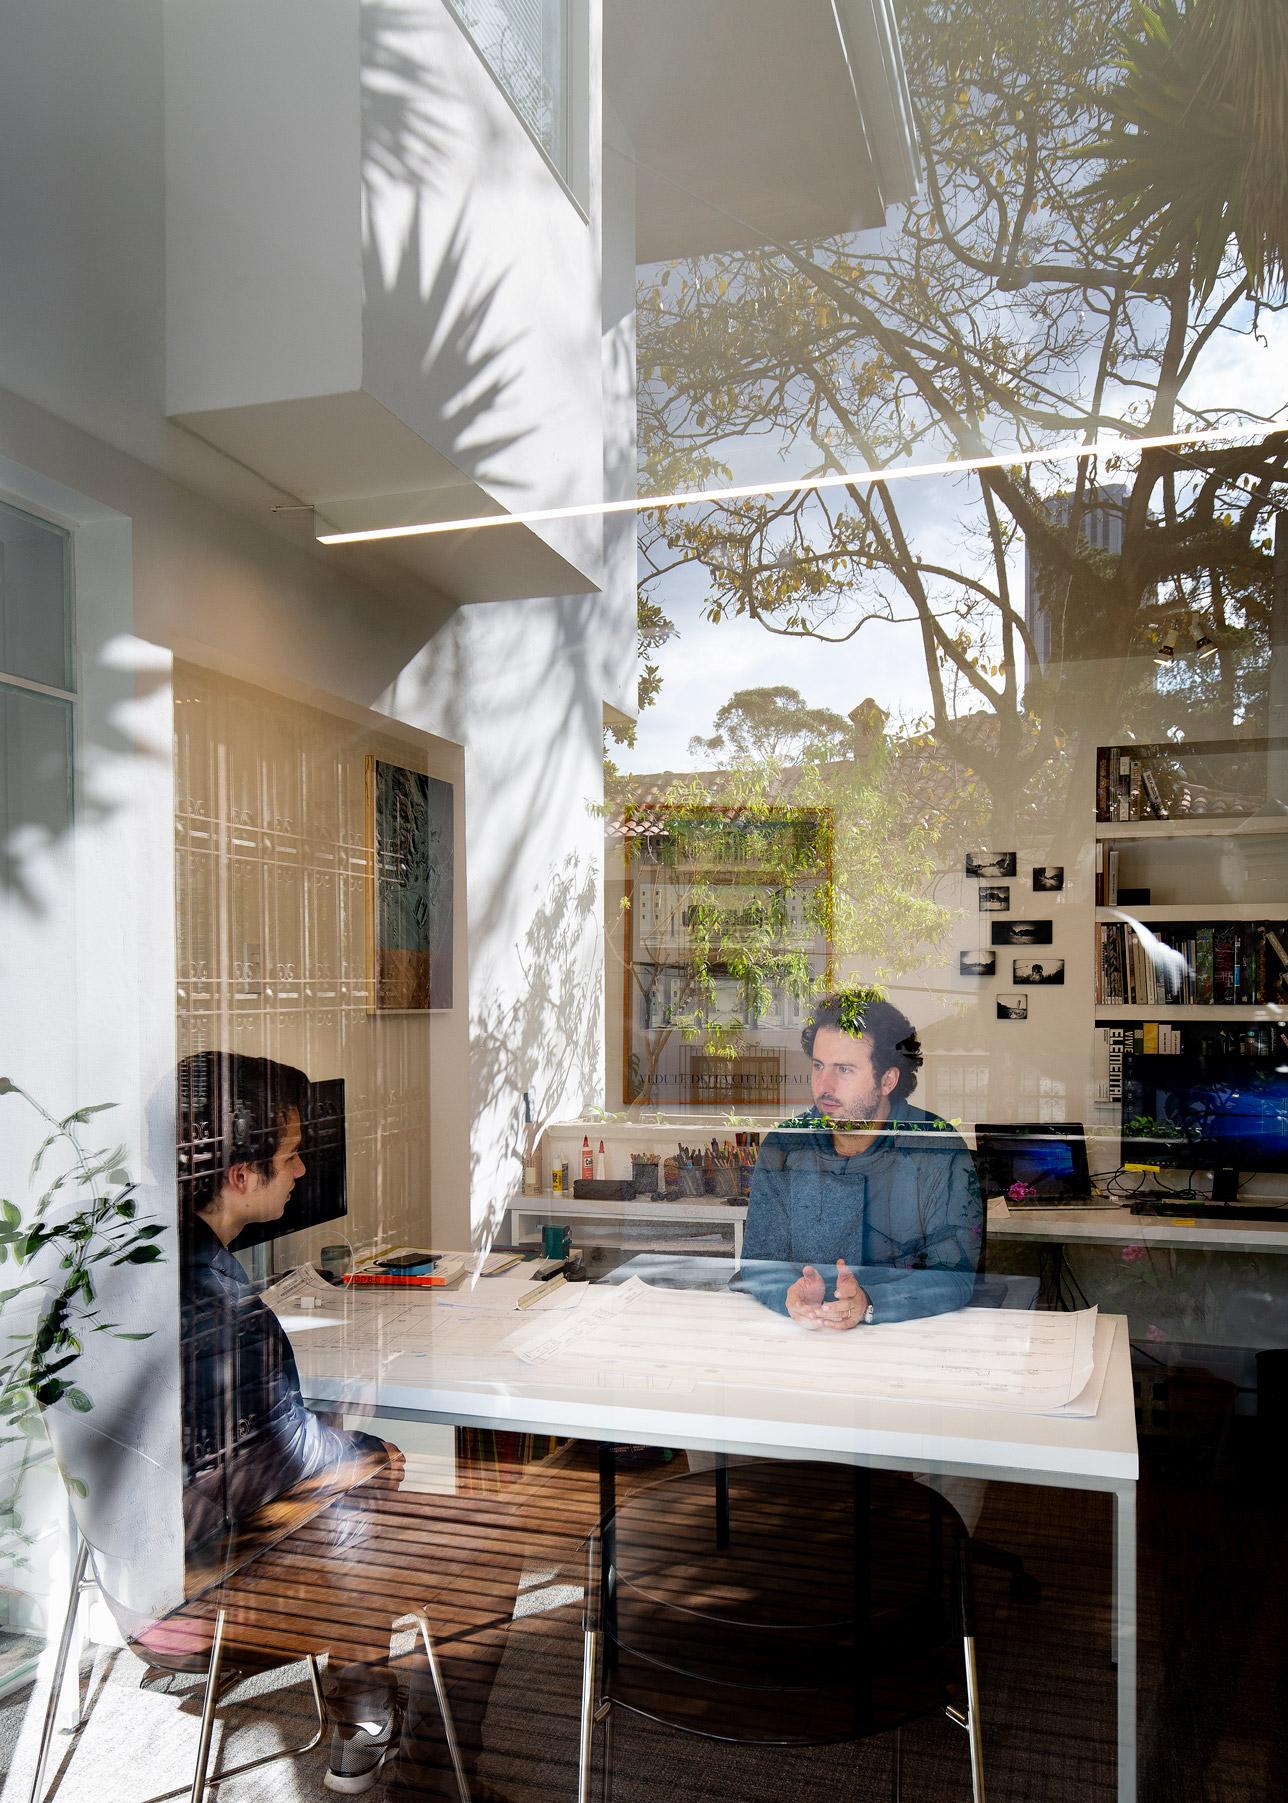 04.bermudez.arquitectos.bogota.simon.bosch.photography.architecture.interior